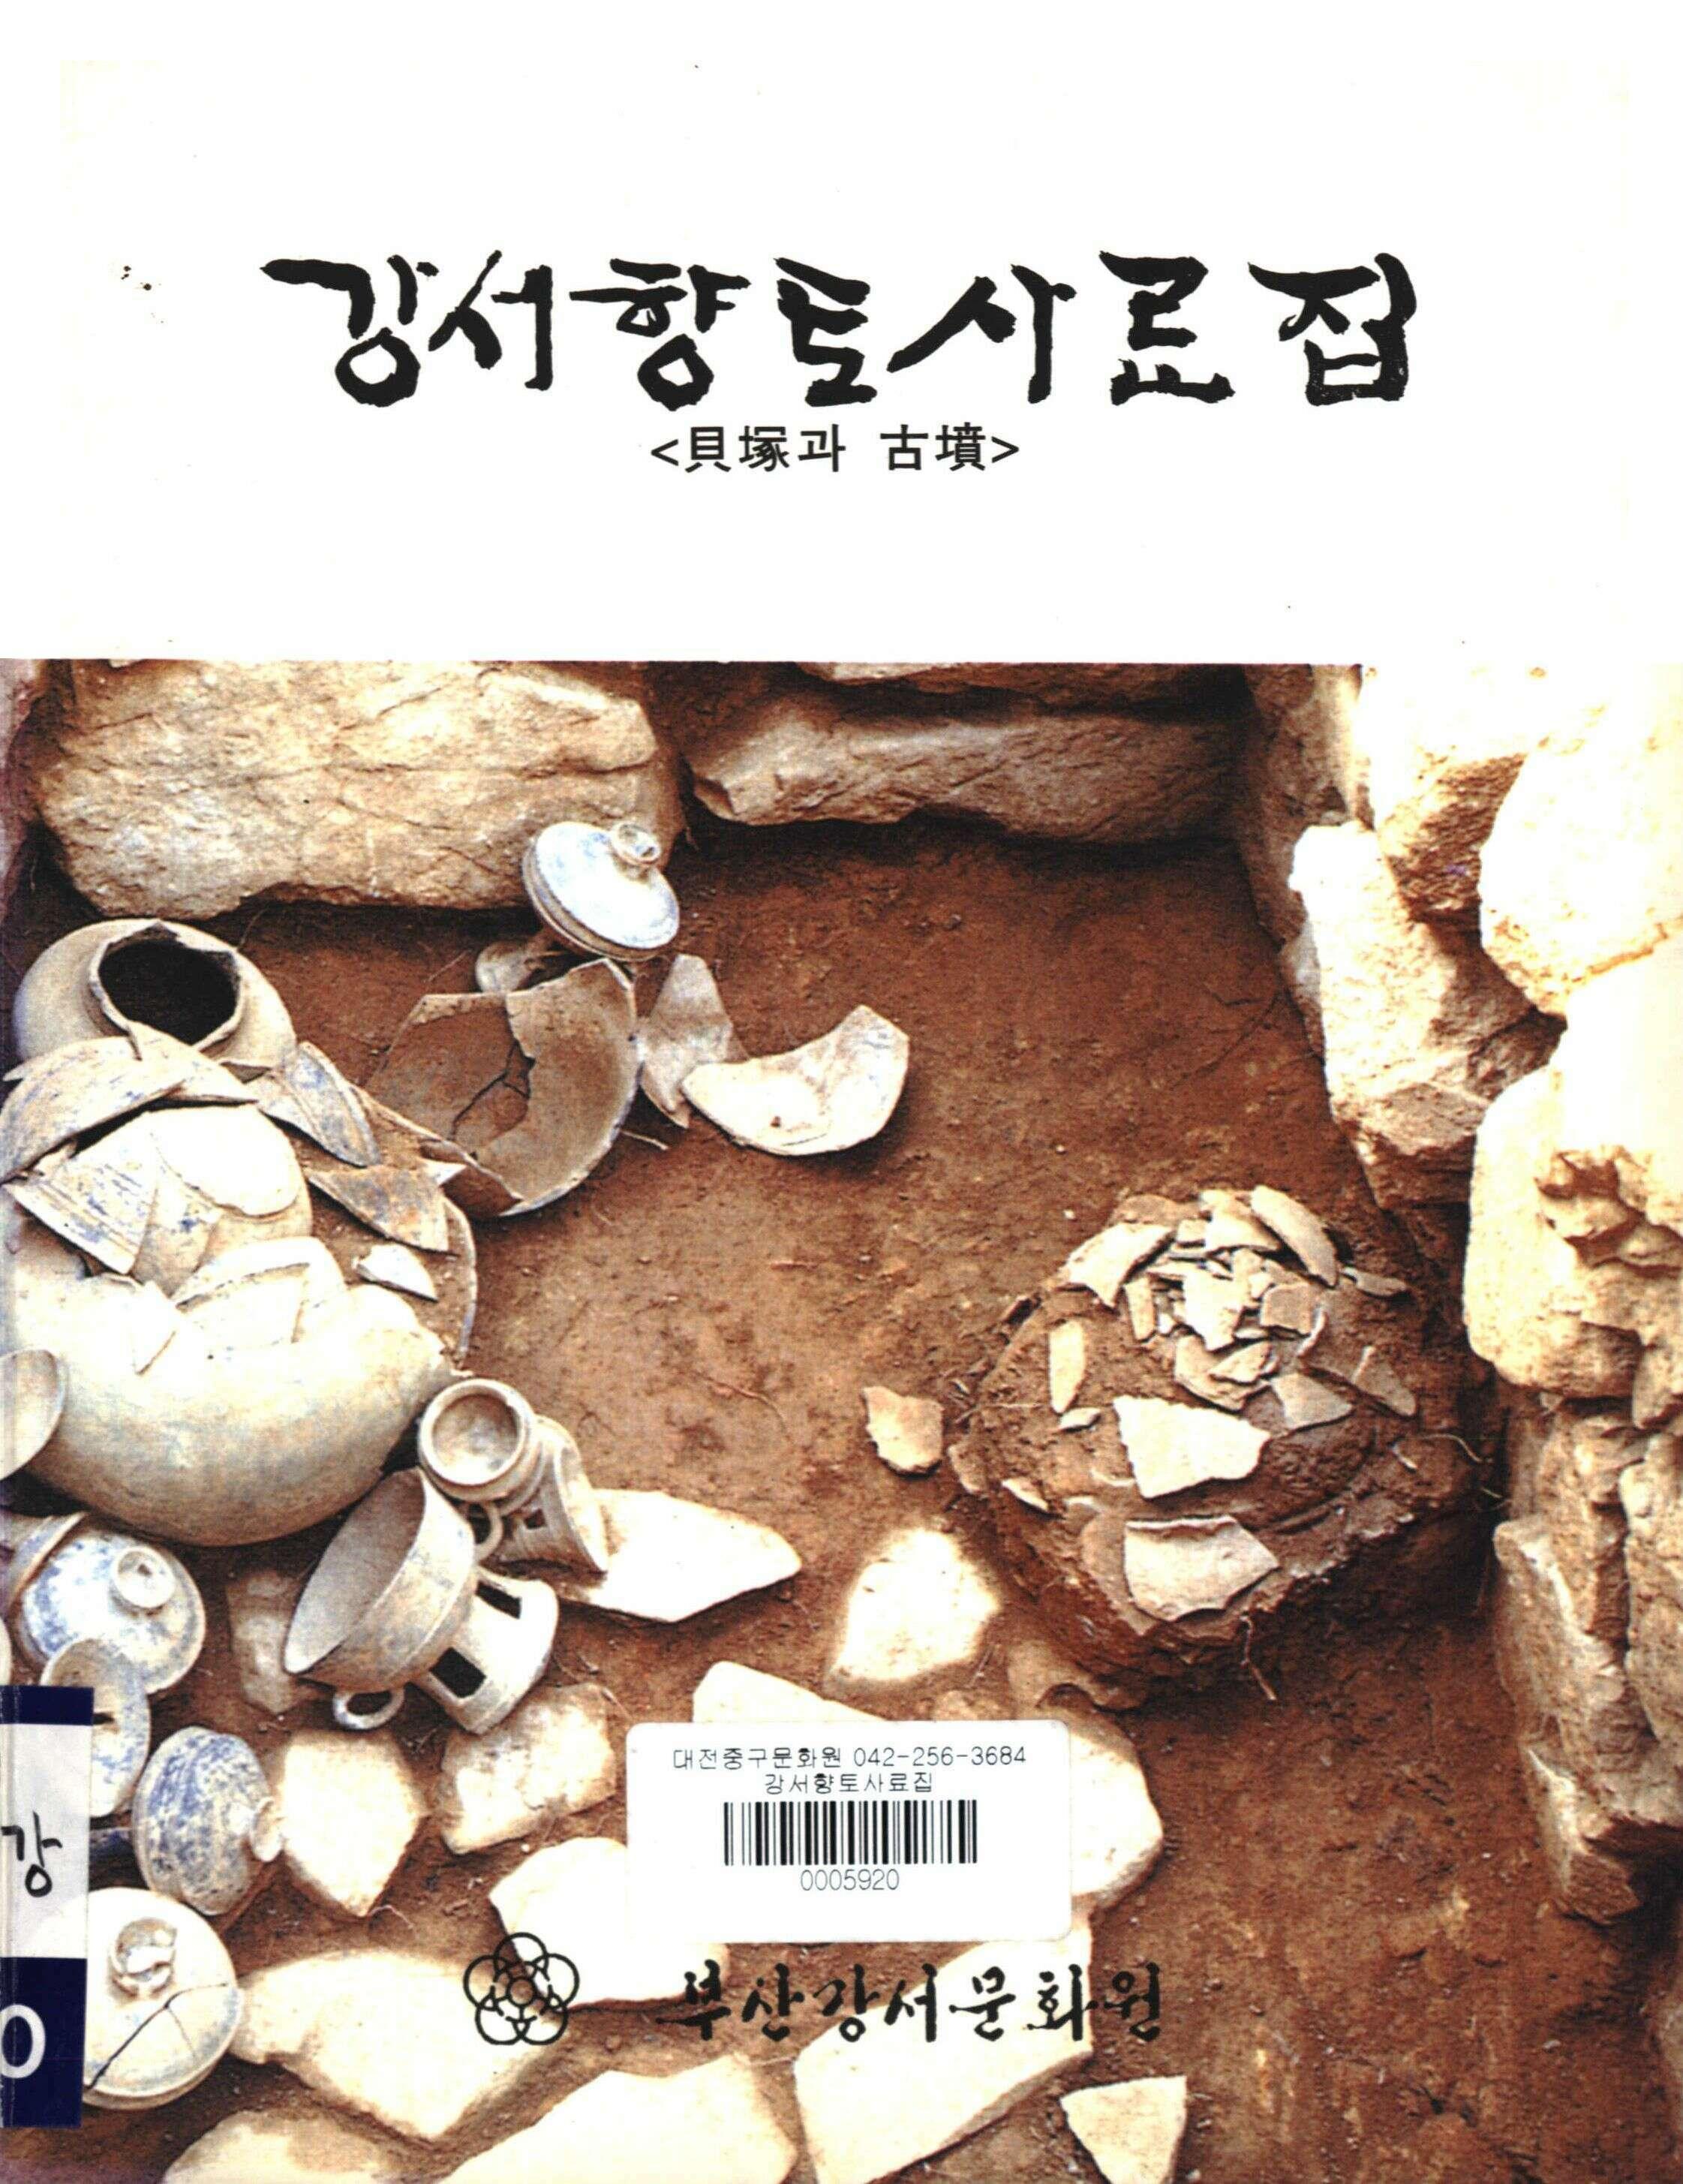 강서향토 사료집 (貝塚과 古墳) (강서향토 사료집 (패총과 고분))